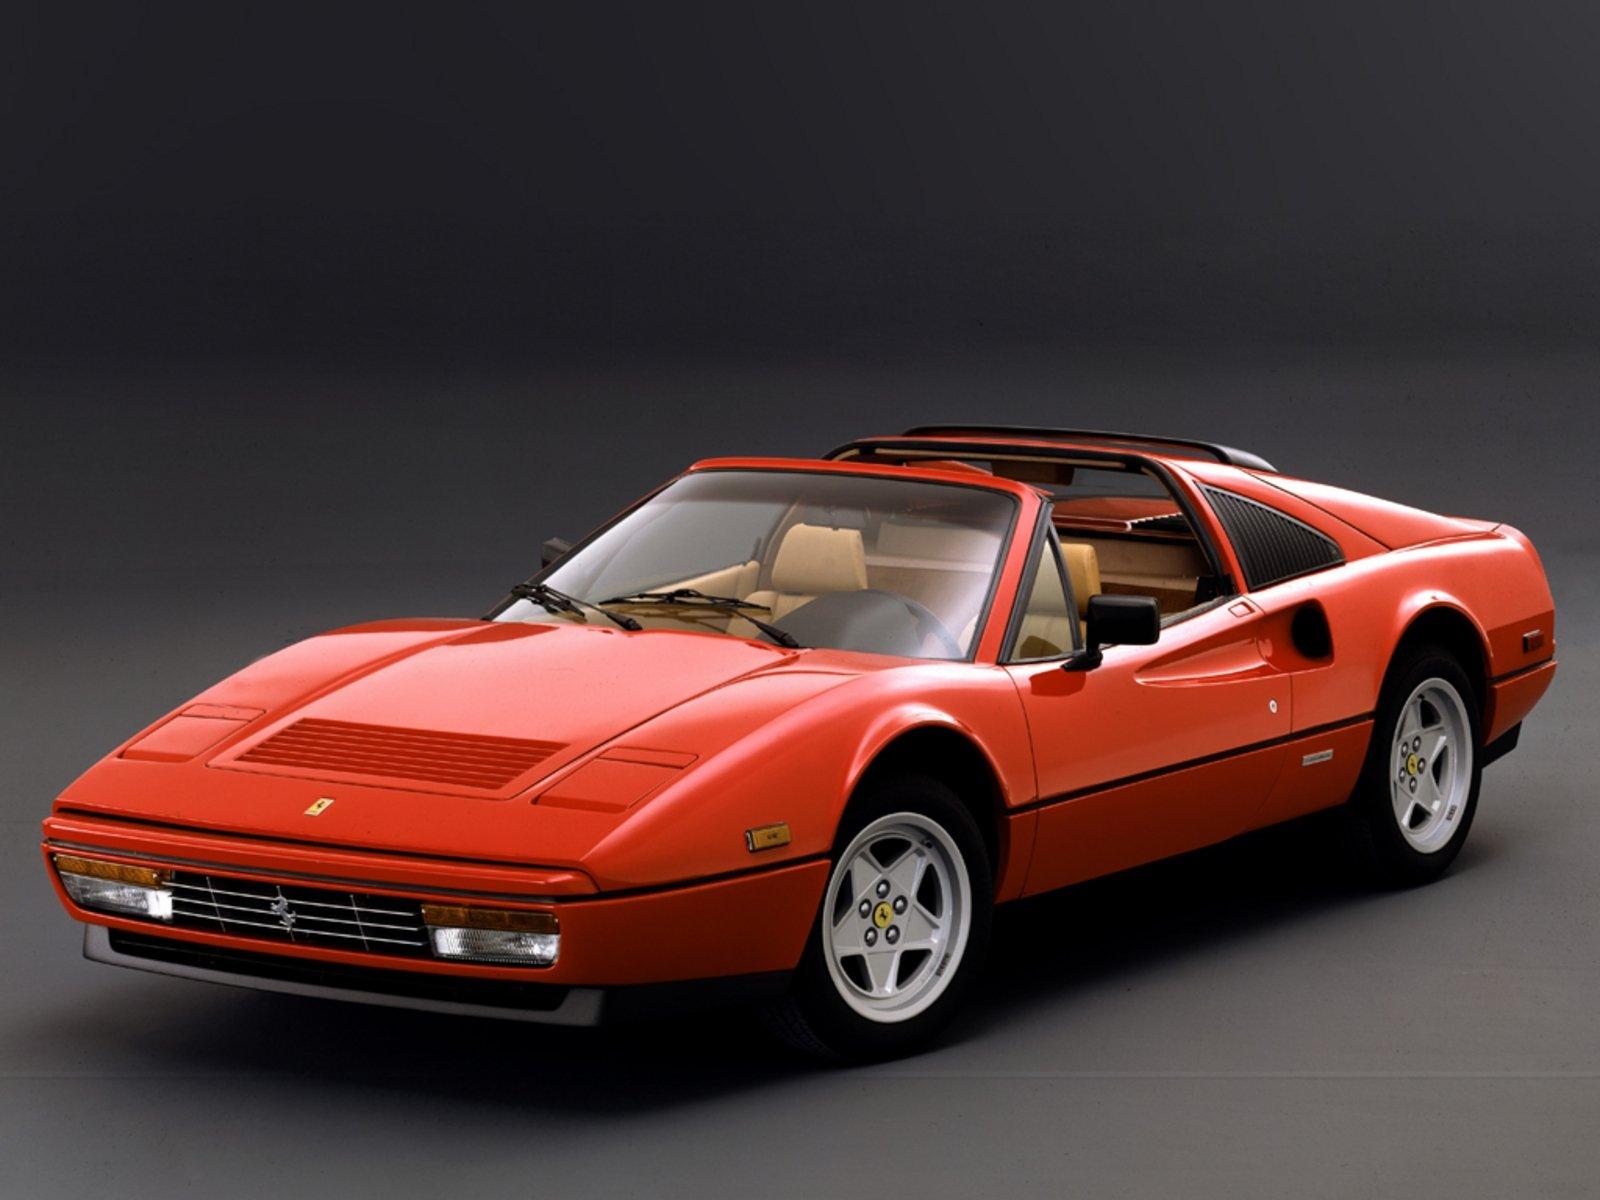 Ferrari 328 1985 - 1989 Coupe #3